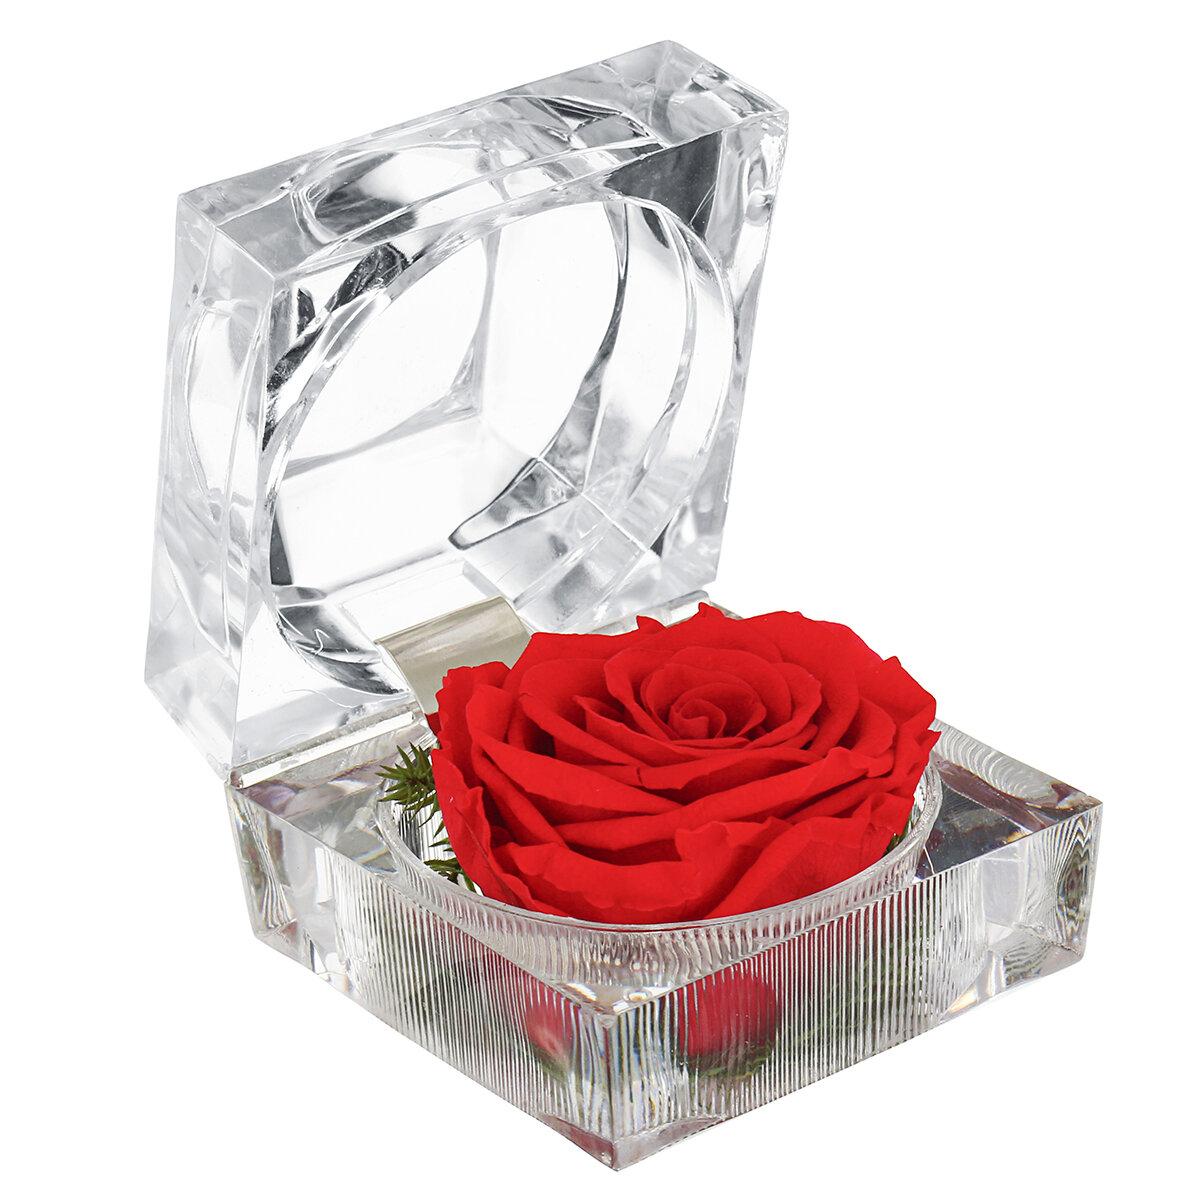 Bunga Abadi Dekorasi Kotak Cincin Colorful Rose Pernikahan Hadiah Kotak Perhiasan